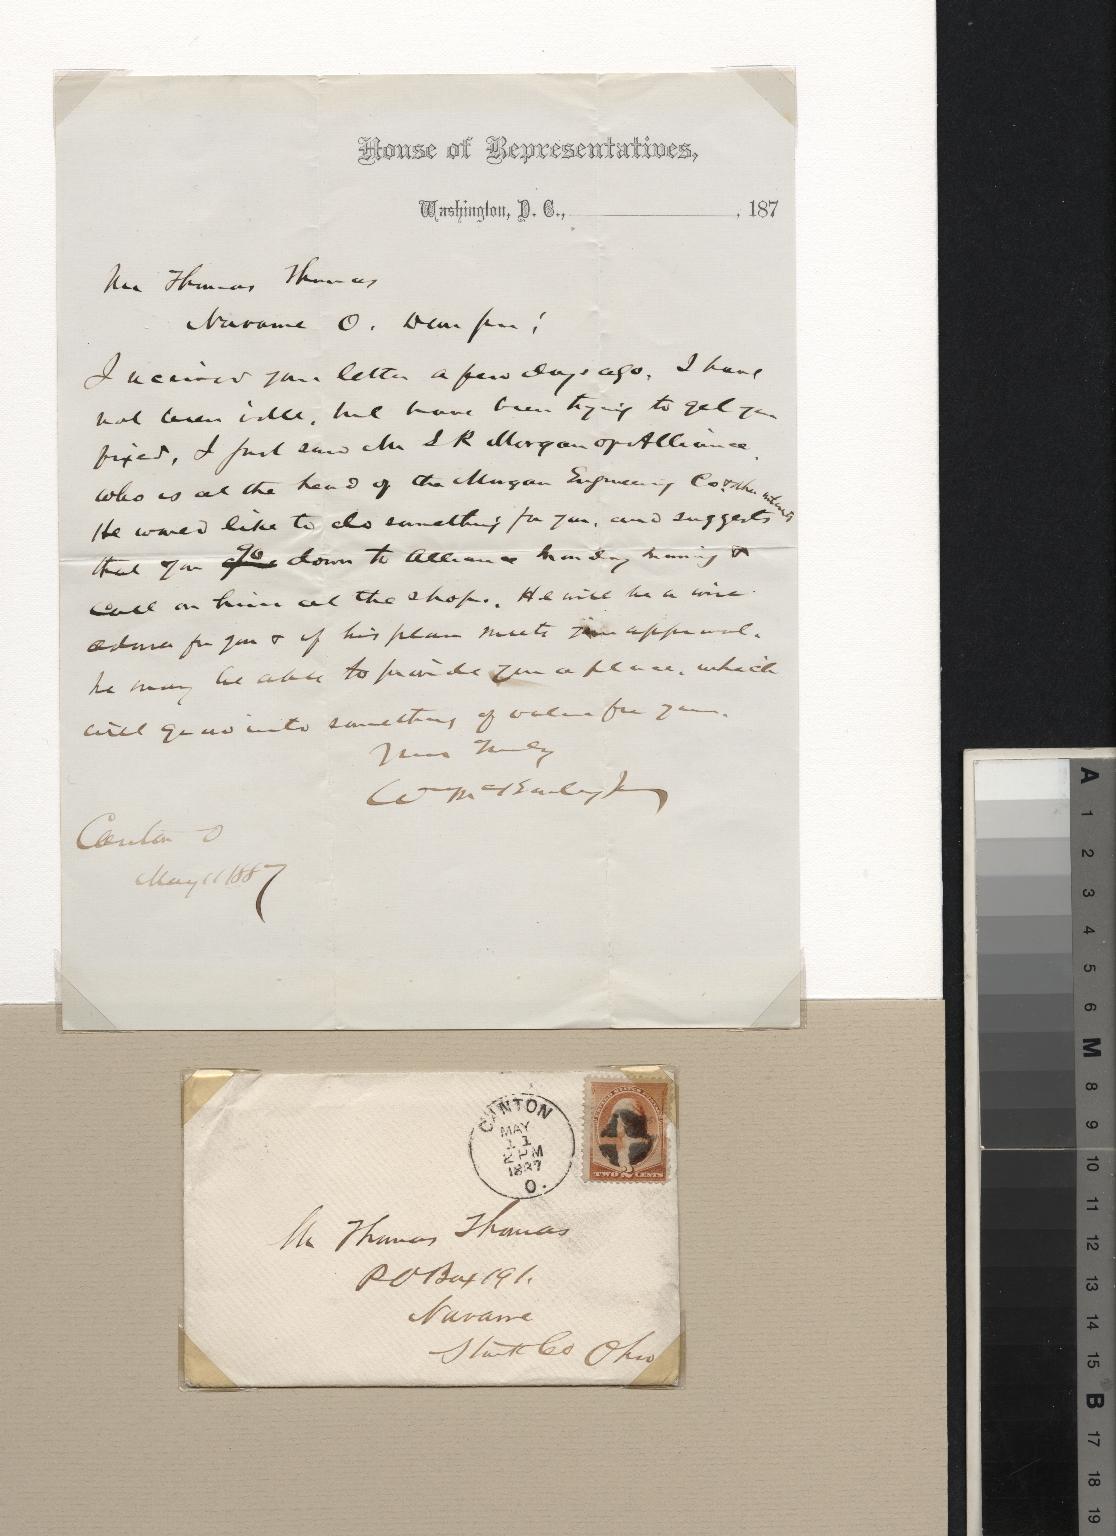 William McKinley letter to Thomas Thomas